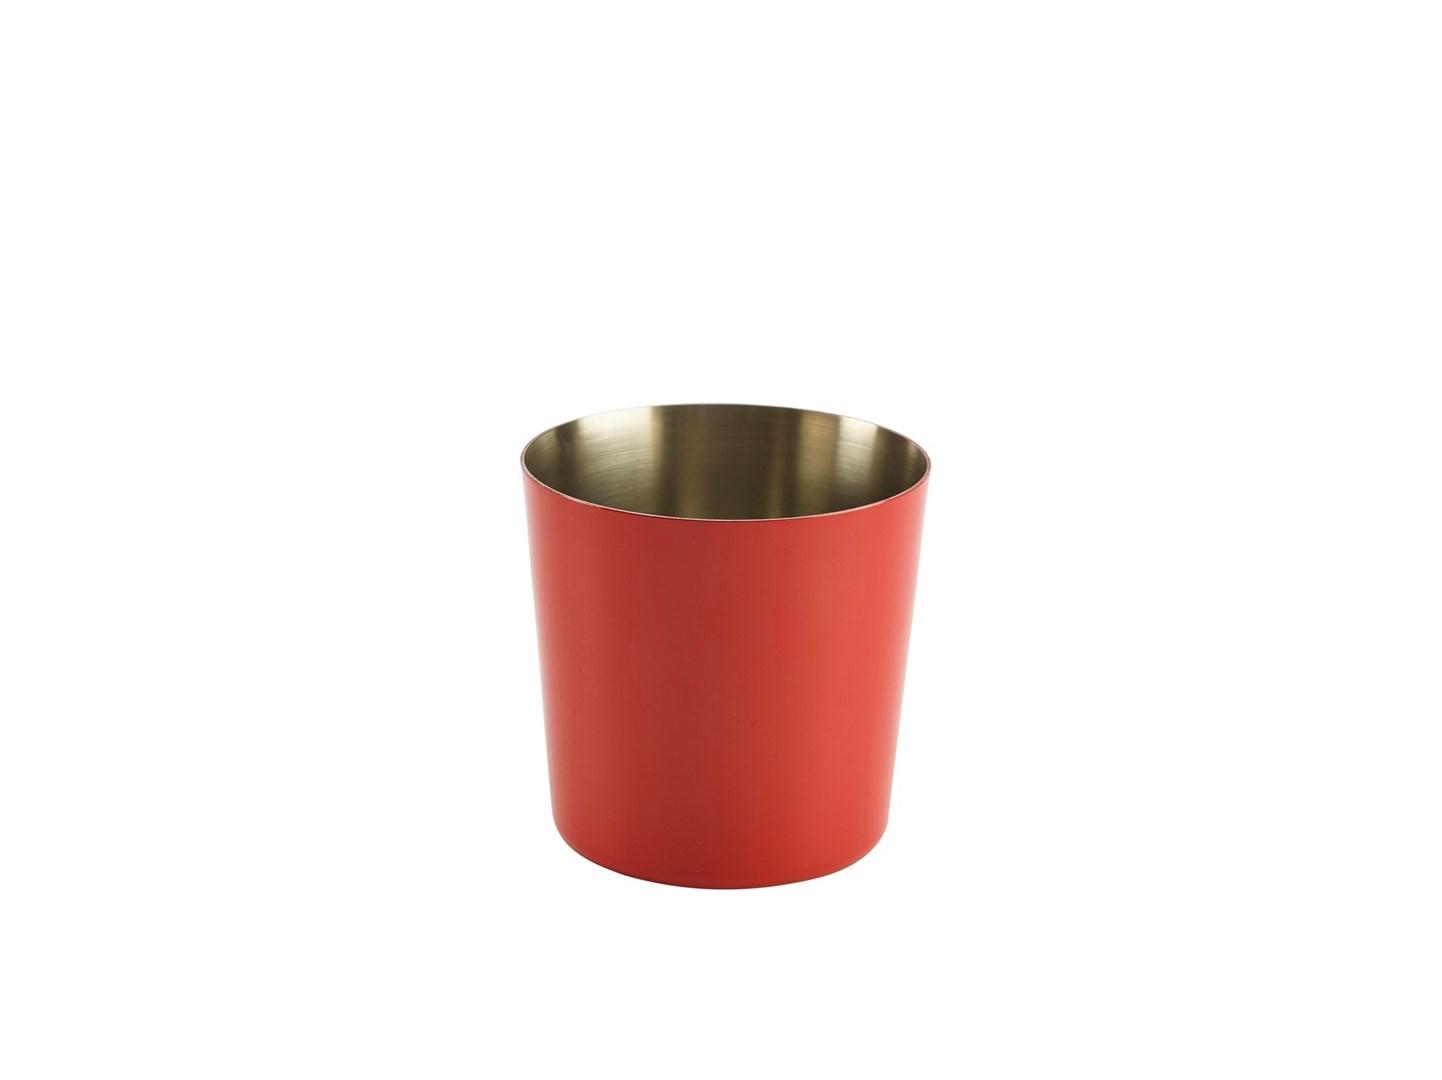 Productafbeelding RVS friet presentatiebakje rood glad 8,5 cm